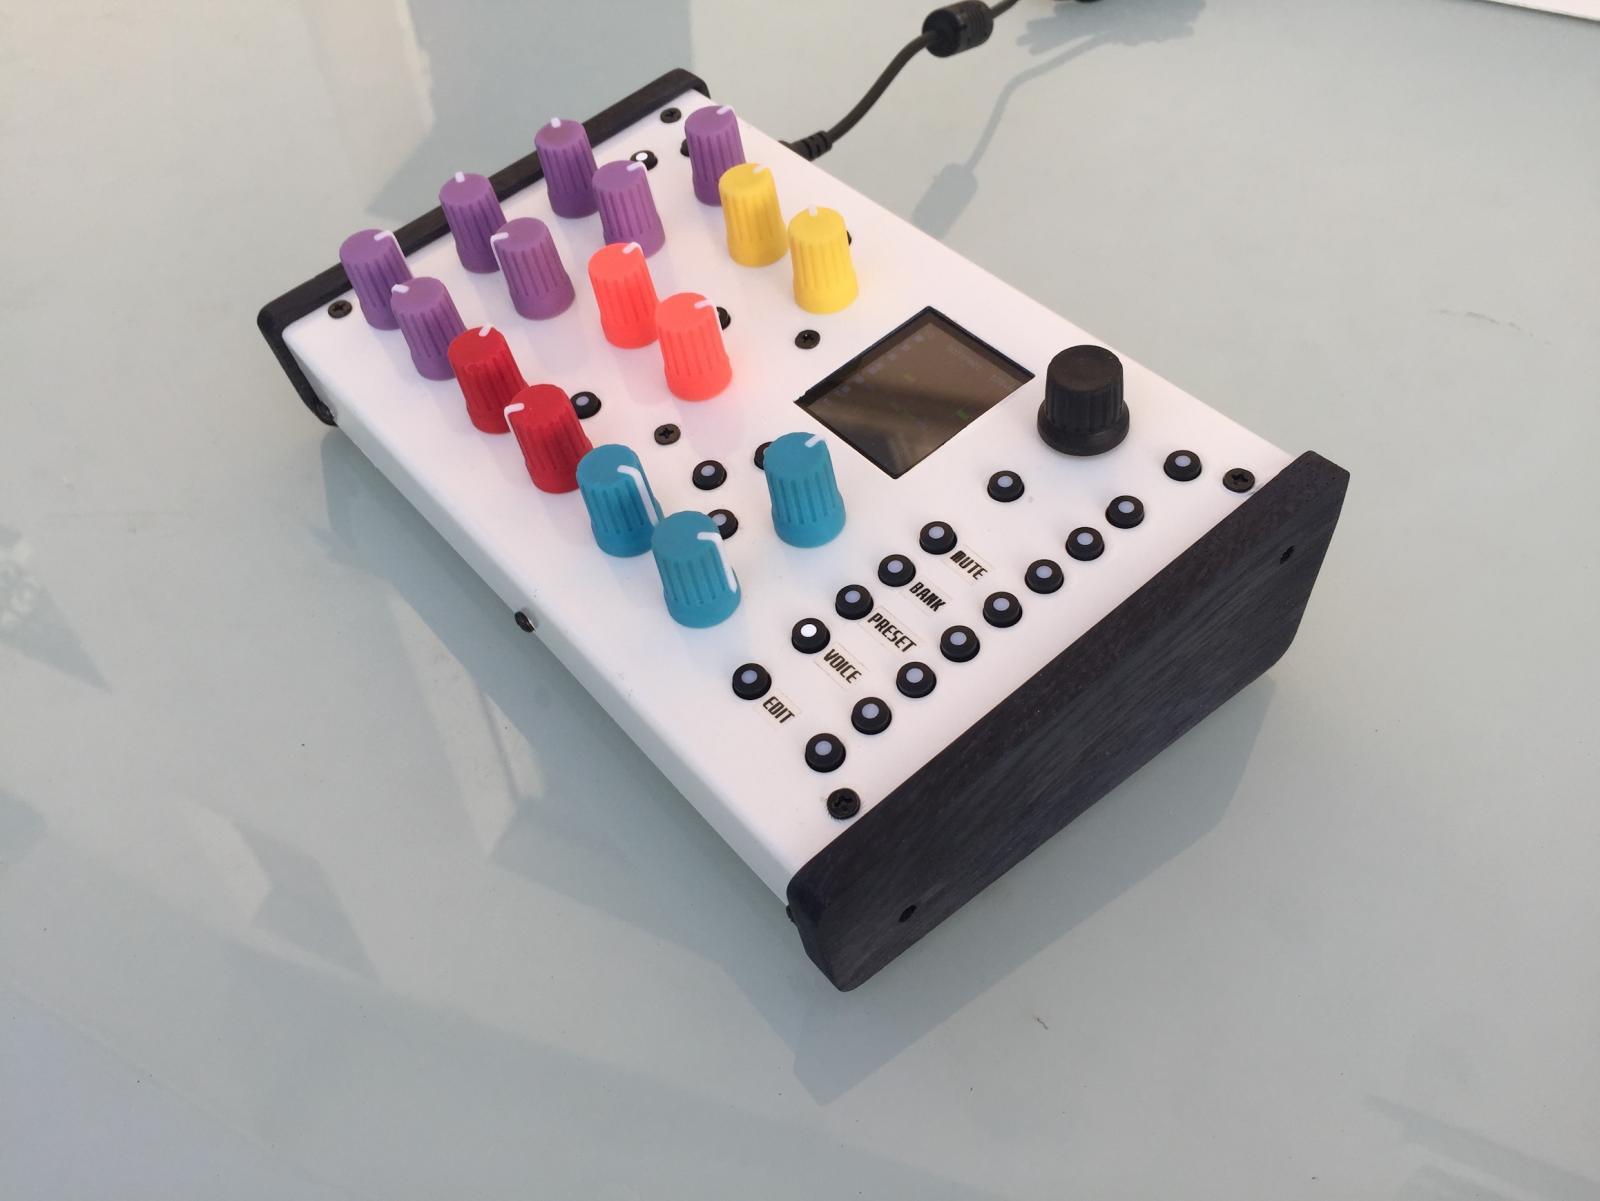 The HAARP Desktop proto.